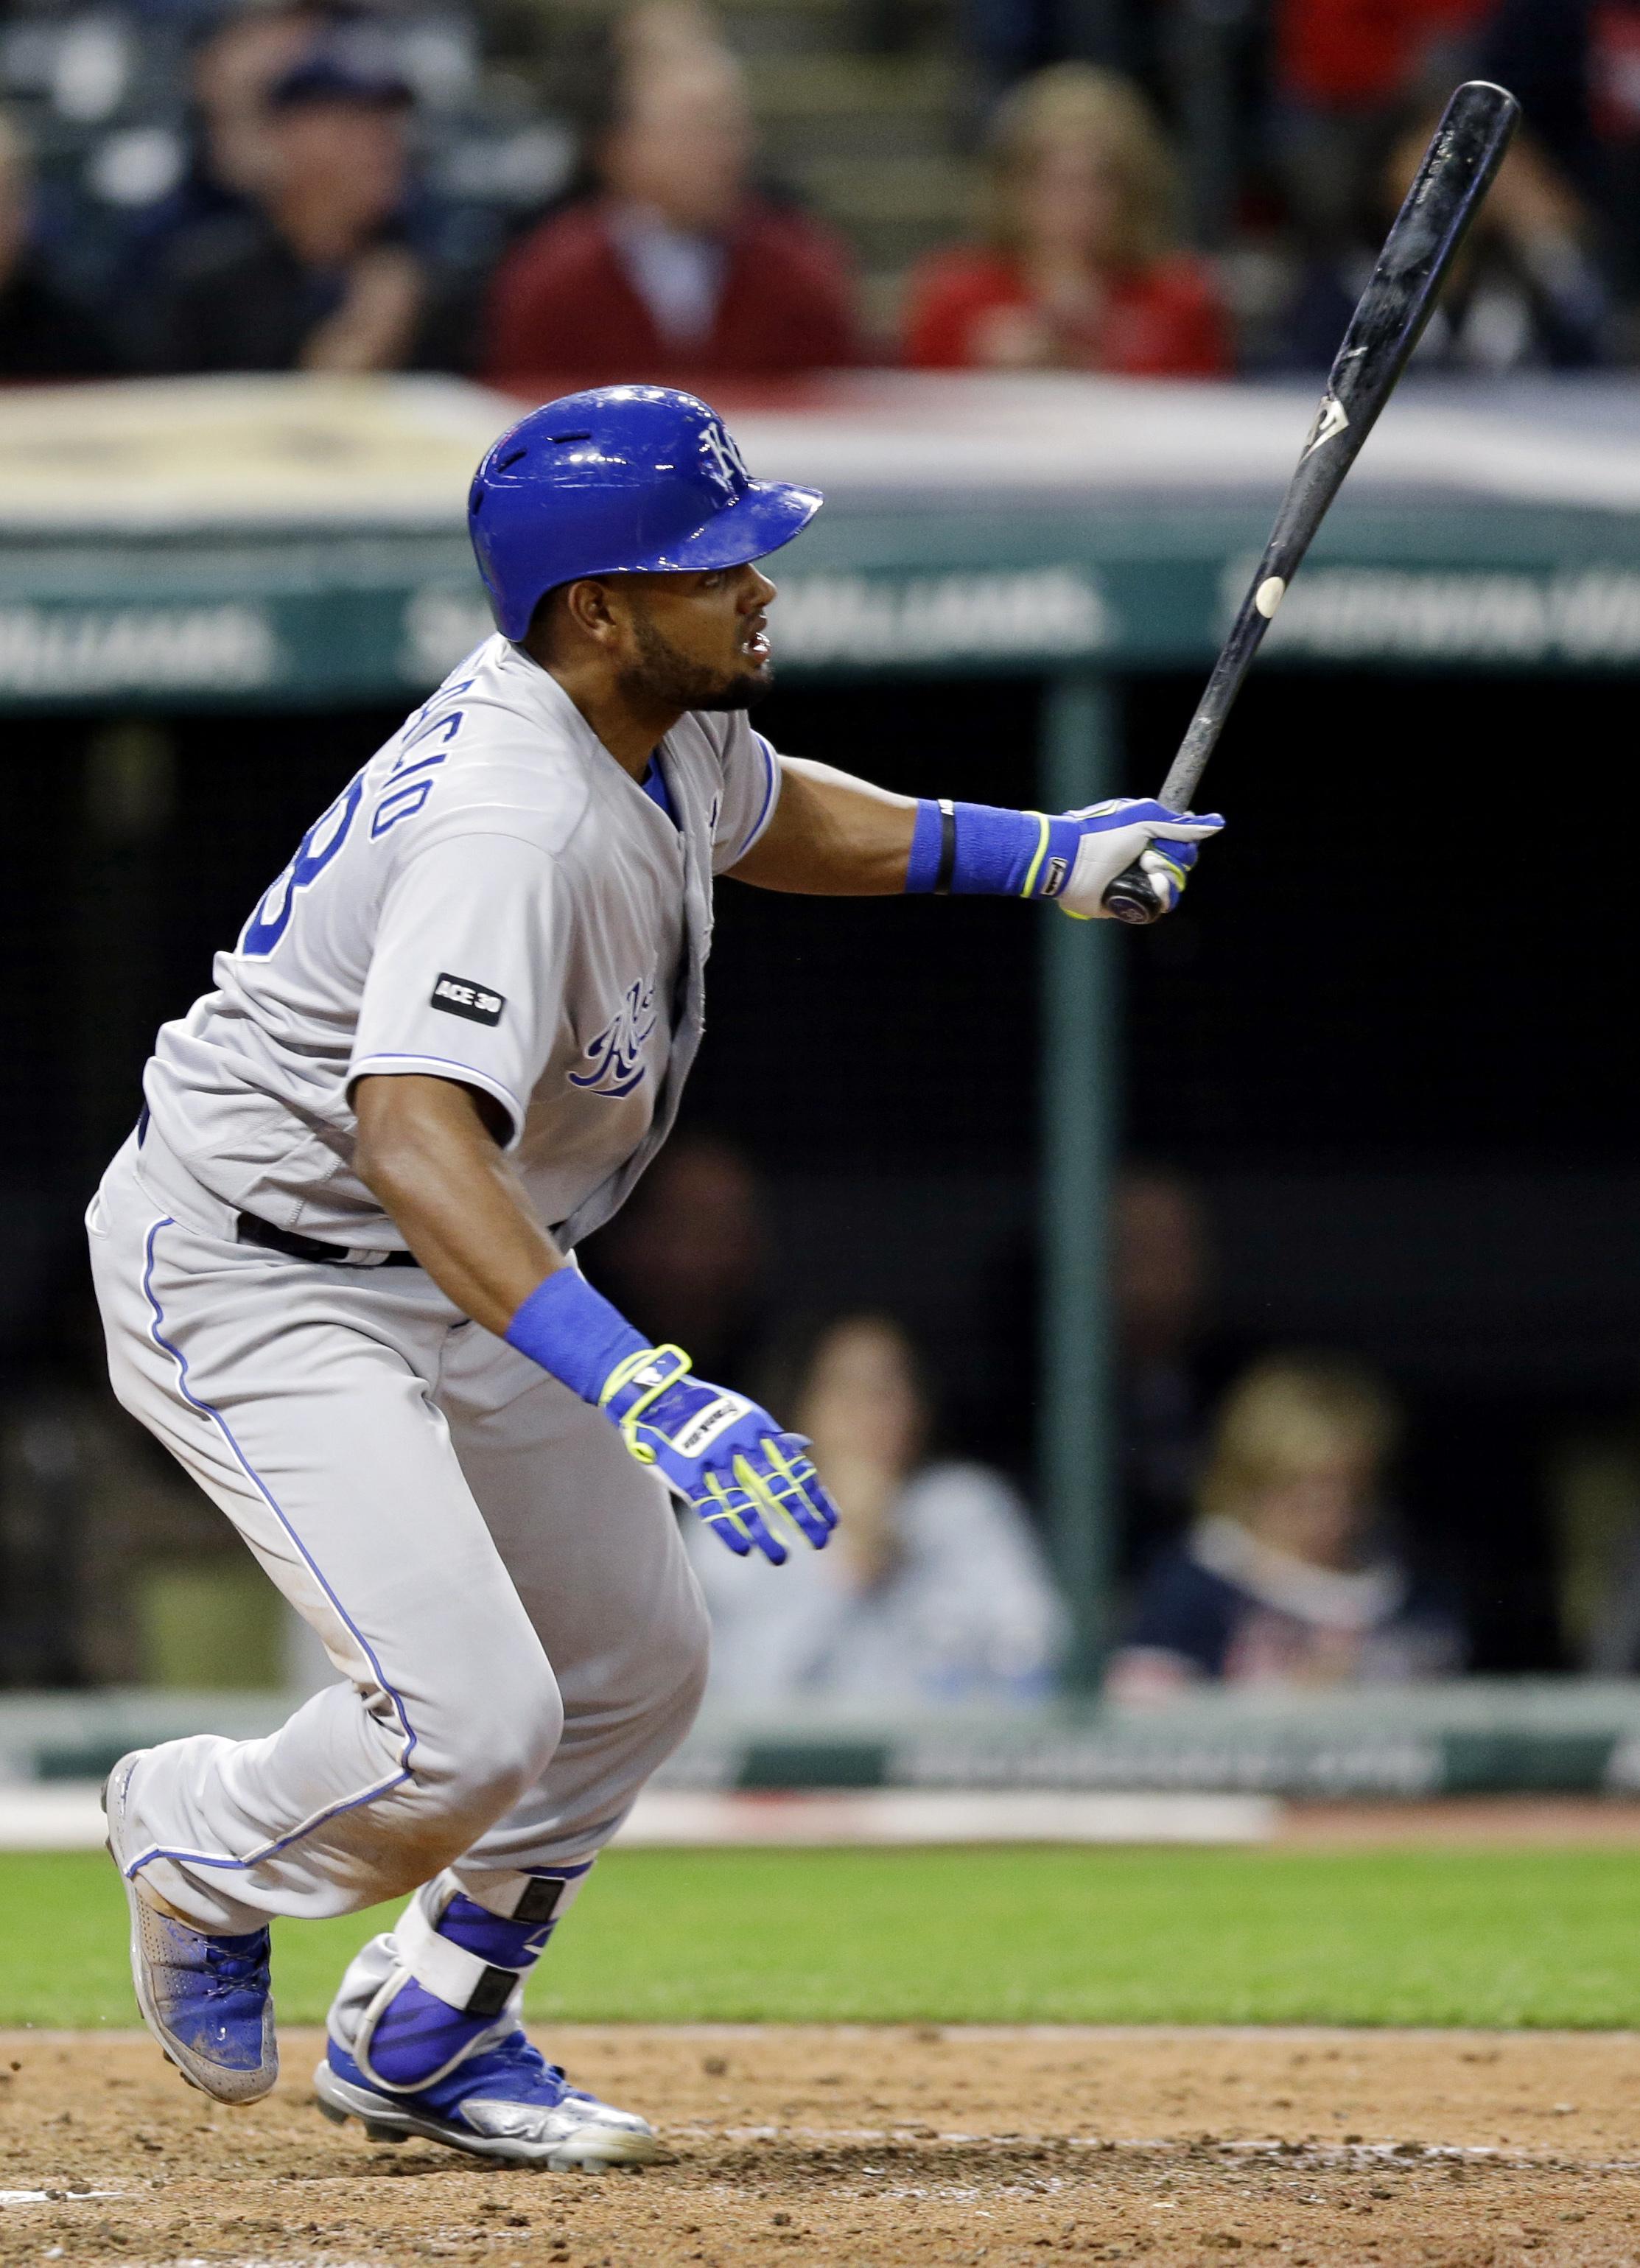 Royals_indians_baseball_04225